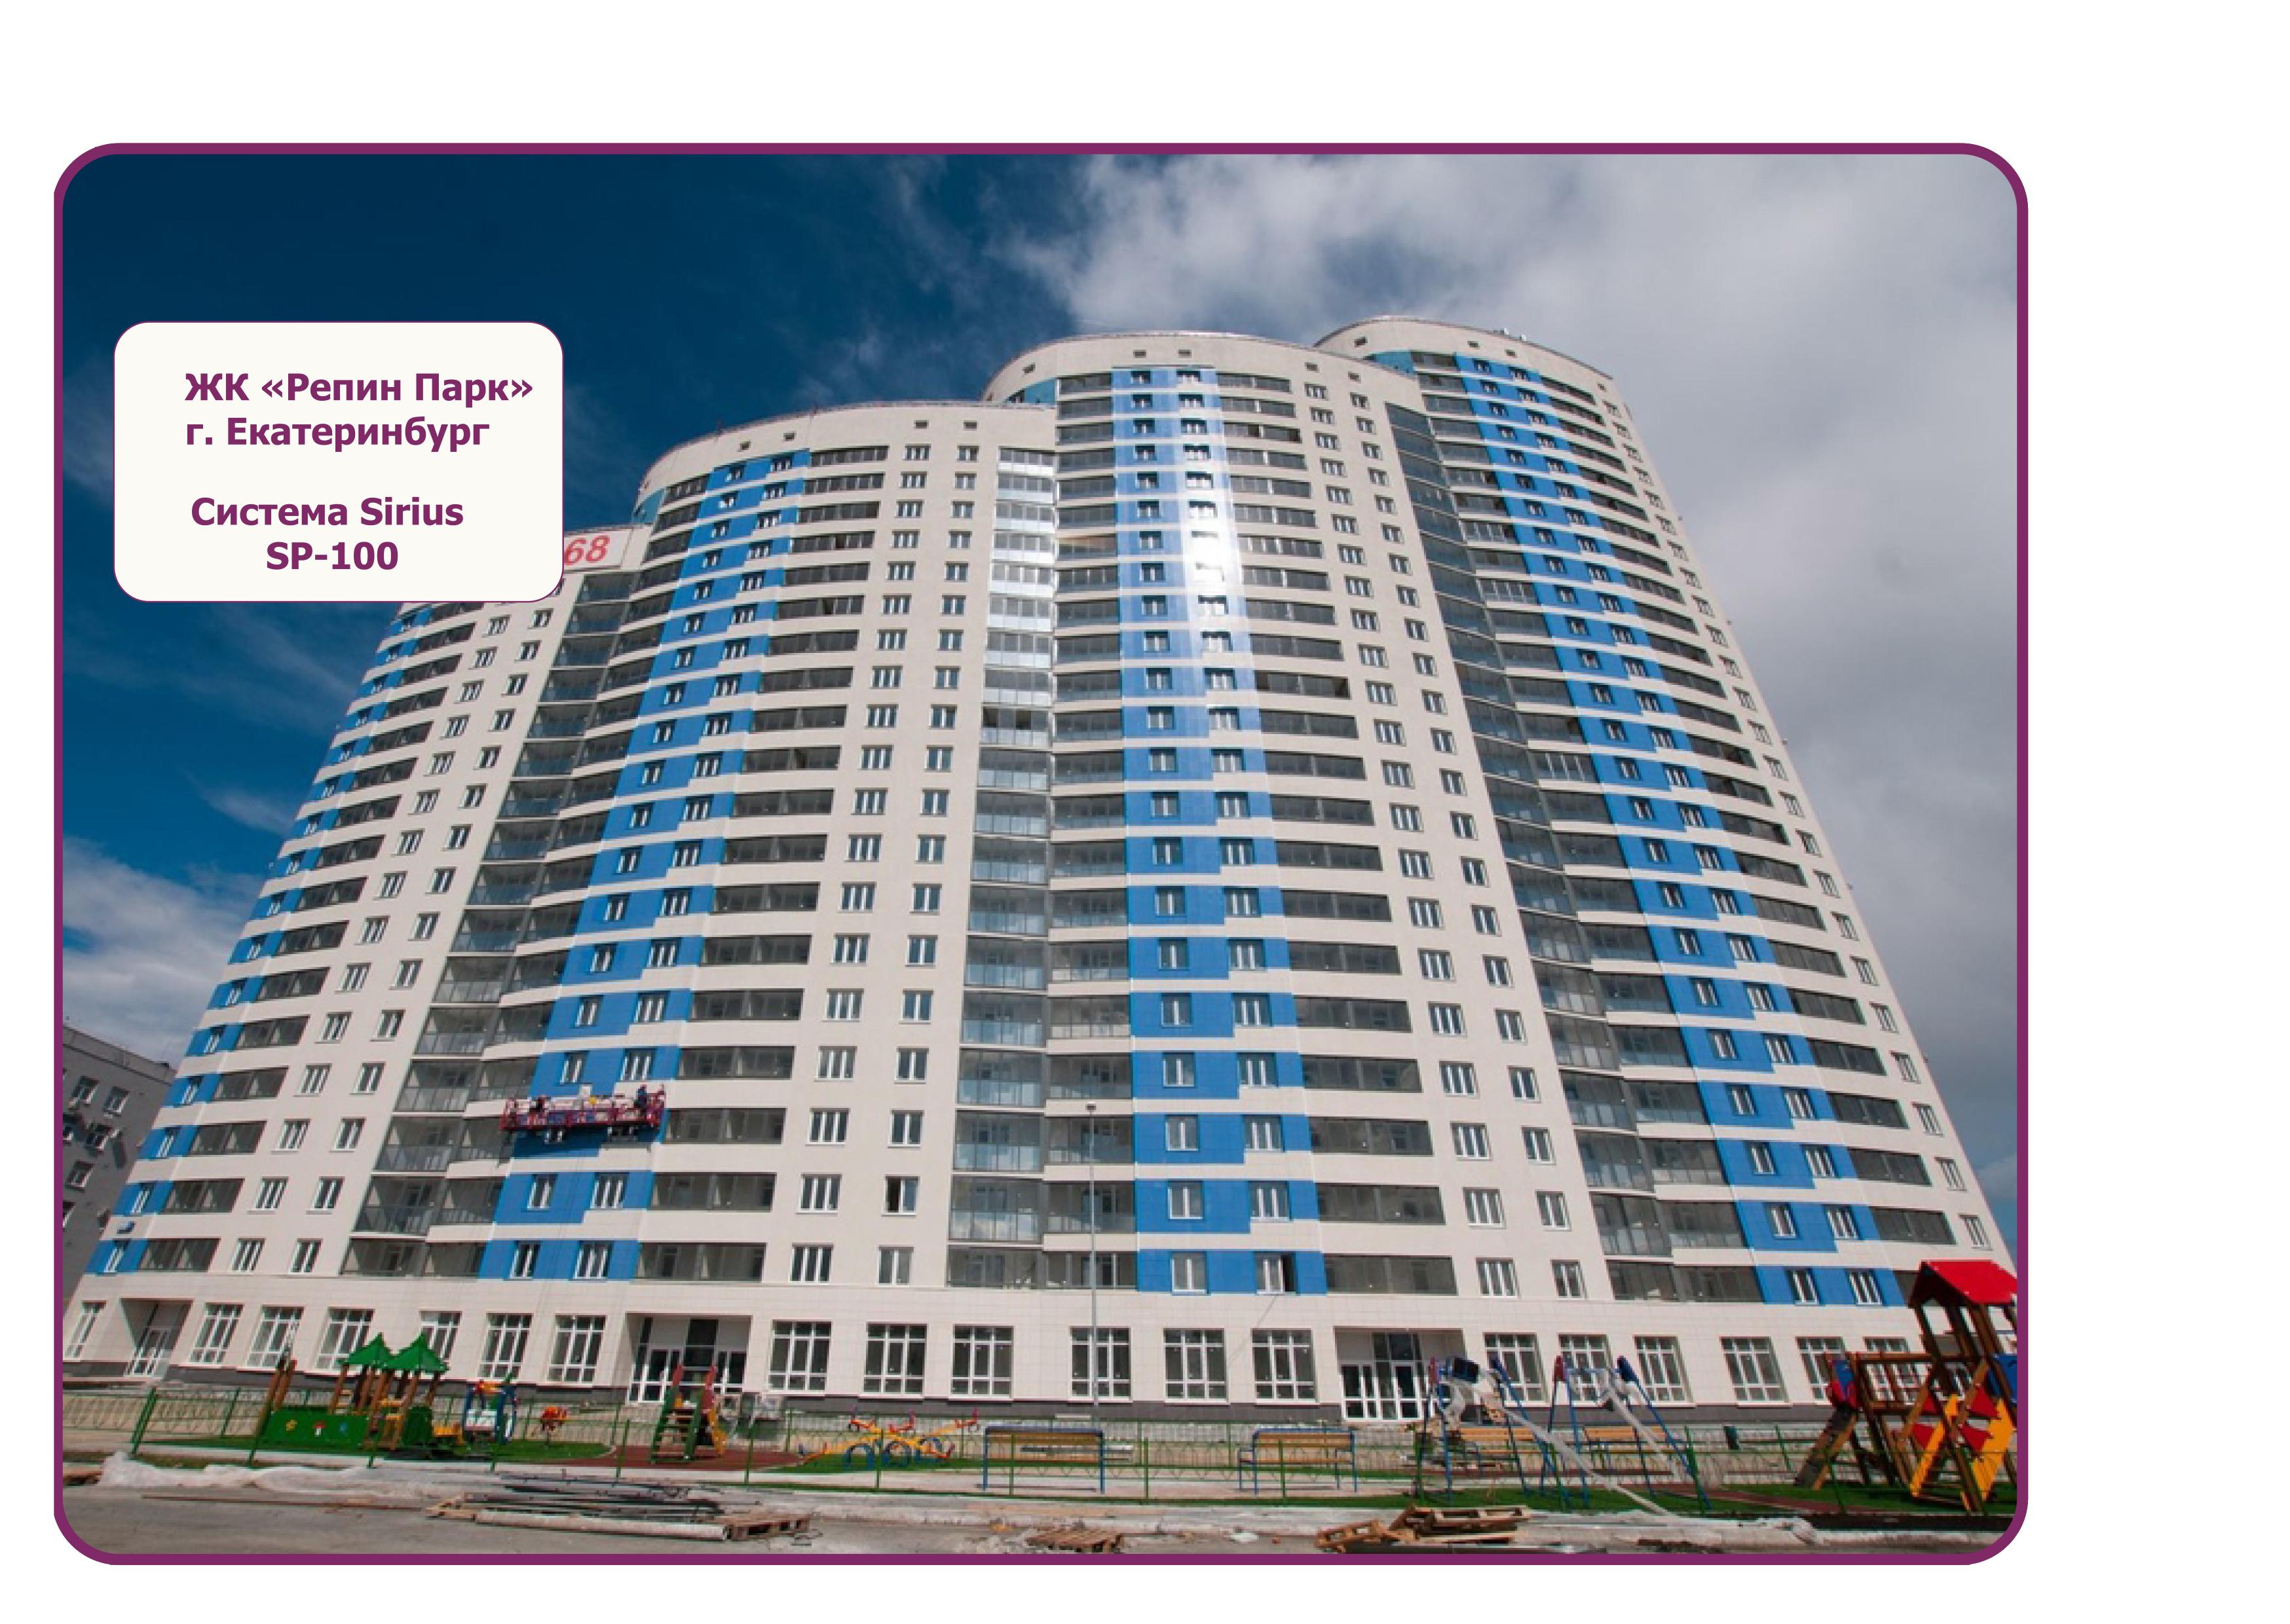 ЖК Репин Парк г. Екатеринбург Фасад объекта облицован на алюминиевой подсистеме SIRIUS SP-100 - керамогранитная плитка, усиленный профиль замкнутого сечения